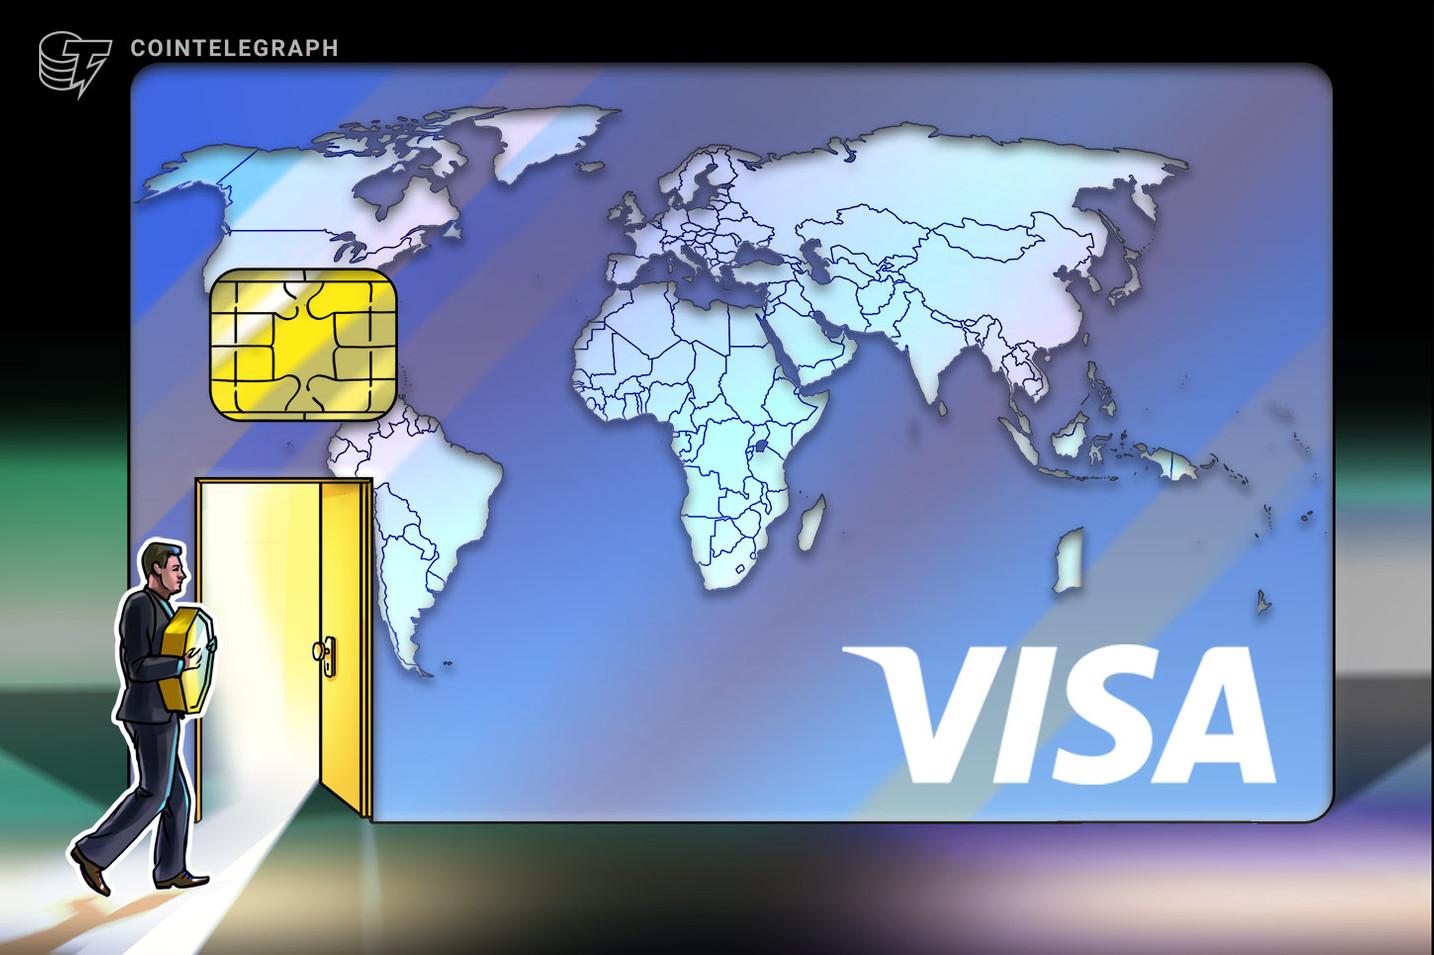 Visa reafirma su compromiso con los pagos en criptomonedas y las rampas de acceso al fiat